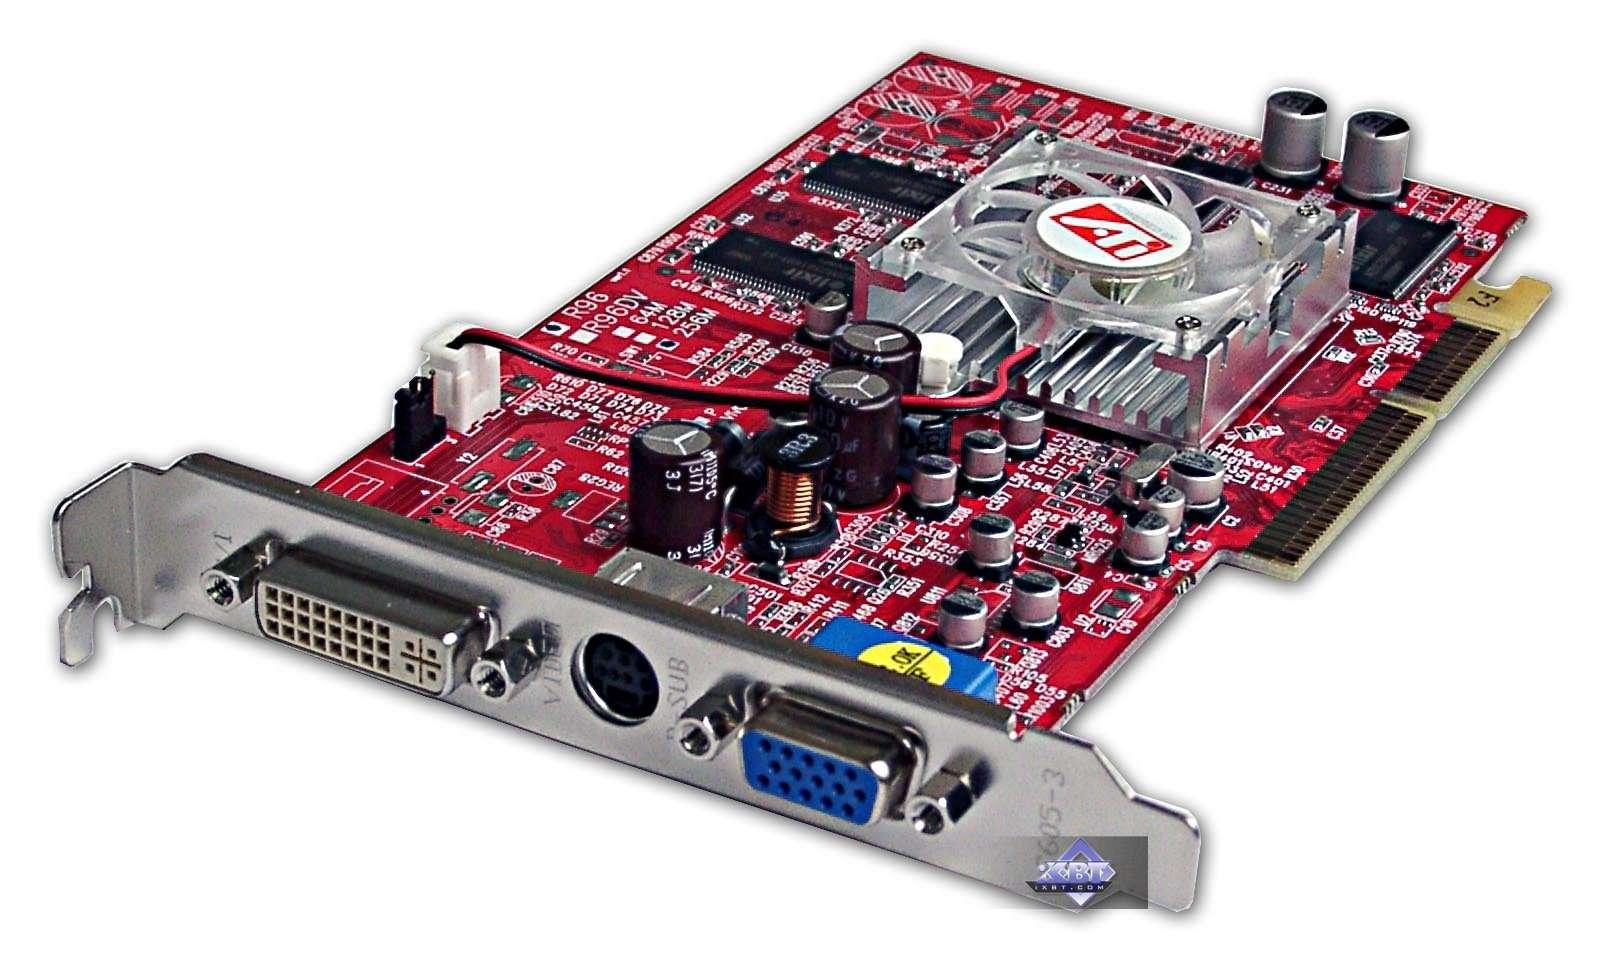 radeon 9600 pro advantage драйвера скачать